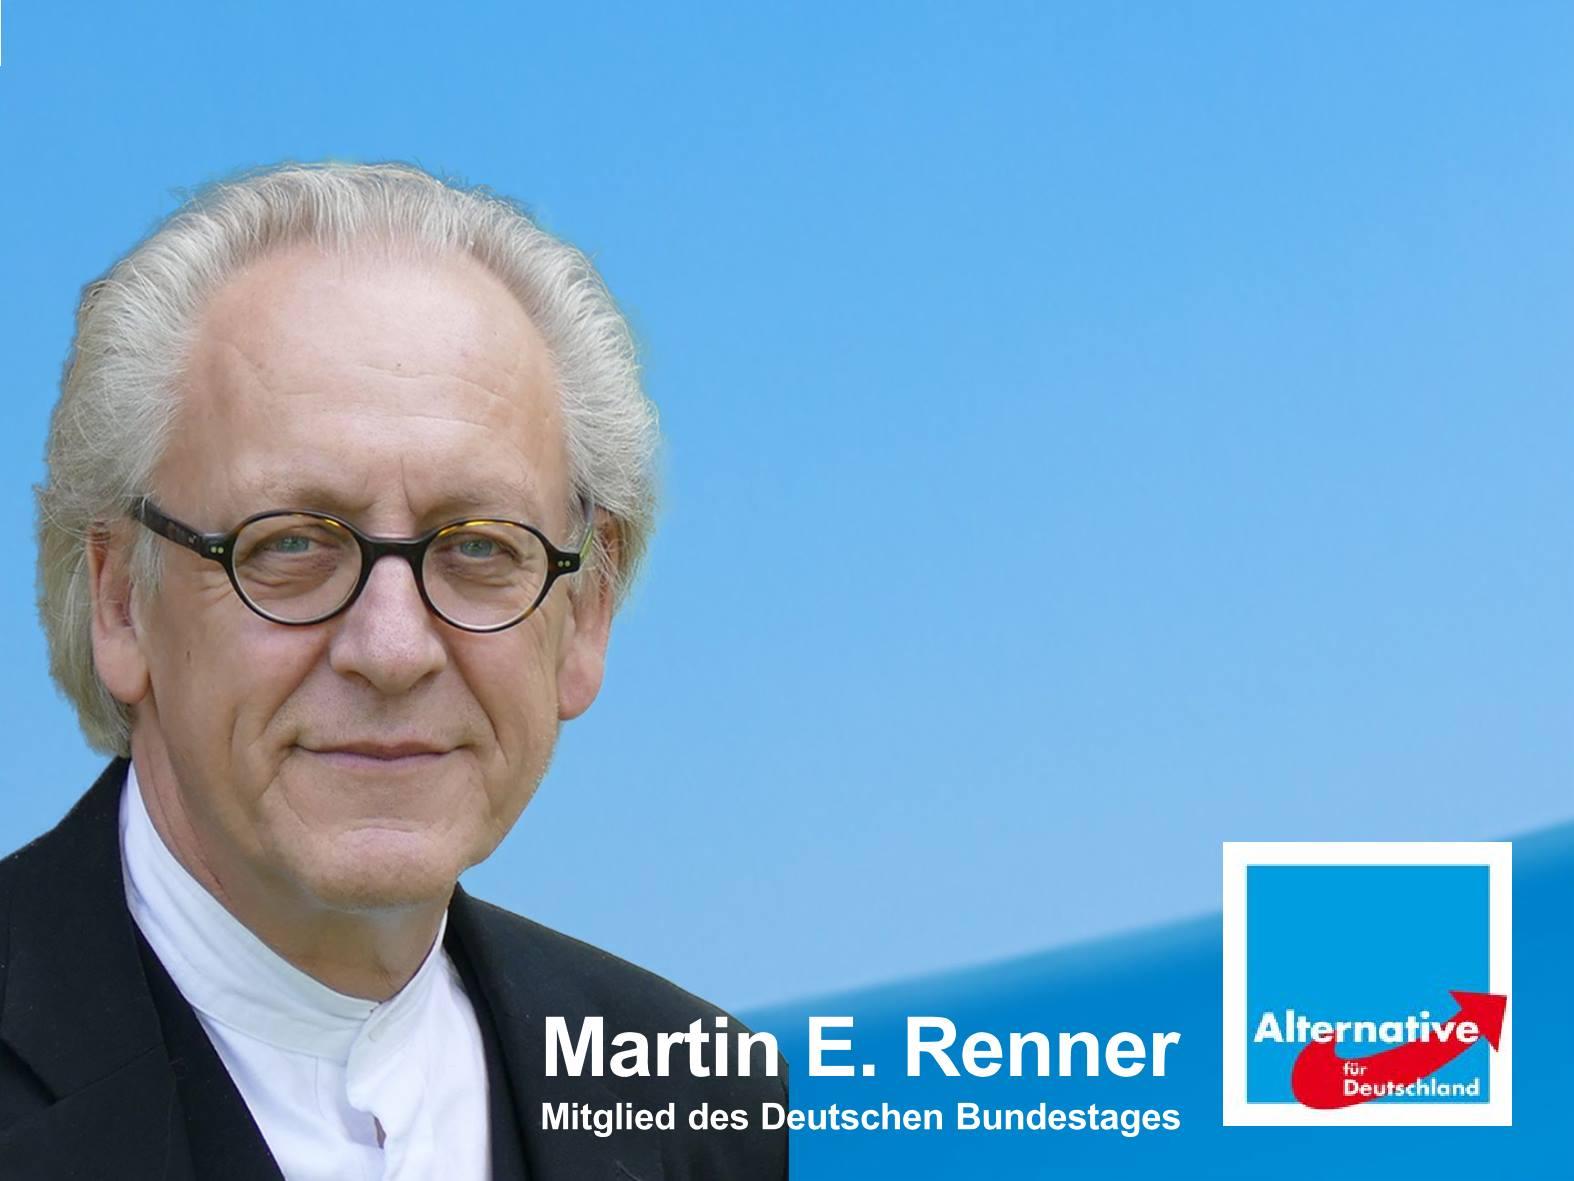 20180502 Martin E. Renner Ellwangen ist ein Menetekel